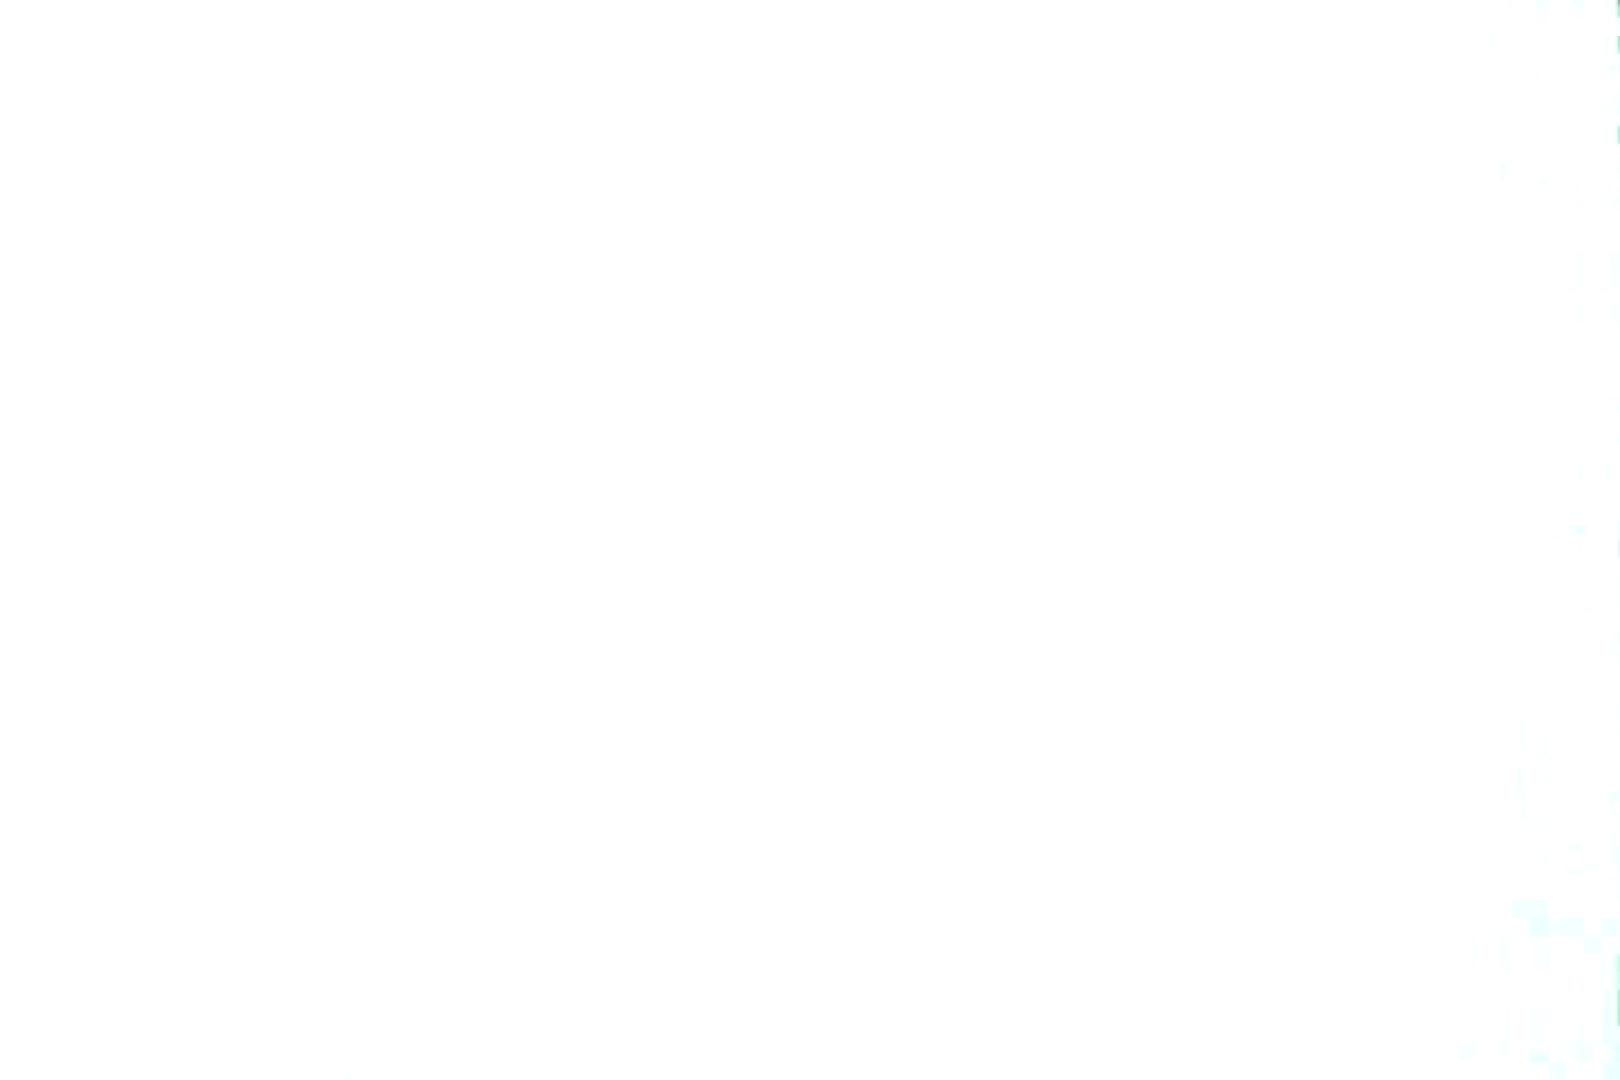 充血監督の深夜の運動会Vol.27 マンコ映像 アダルト動画キャプチャ 61連発 22